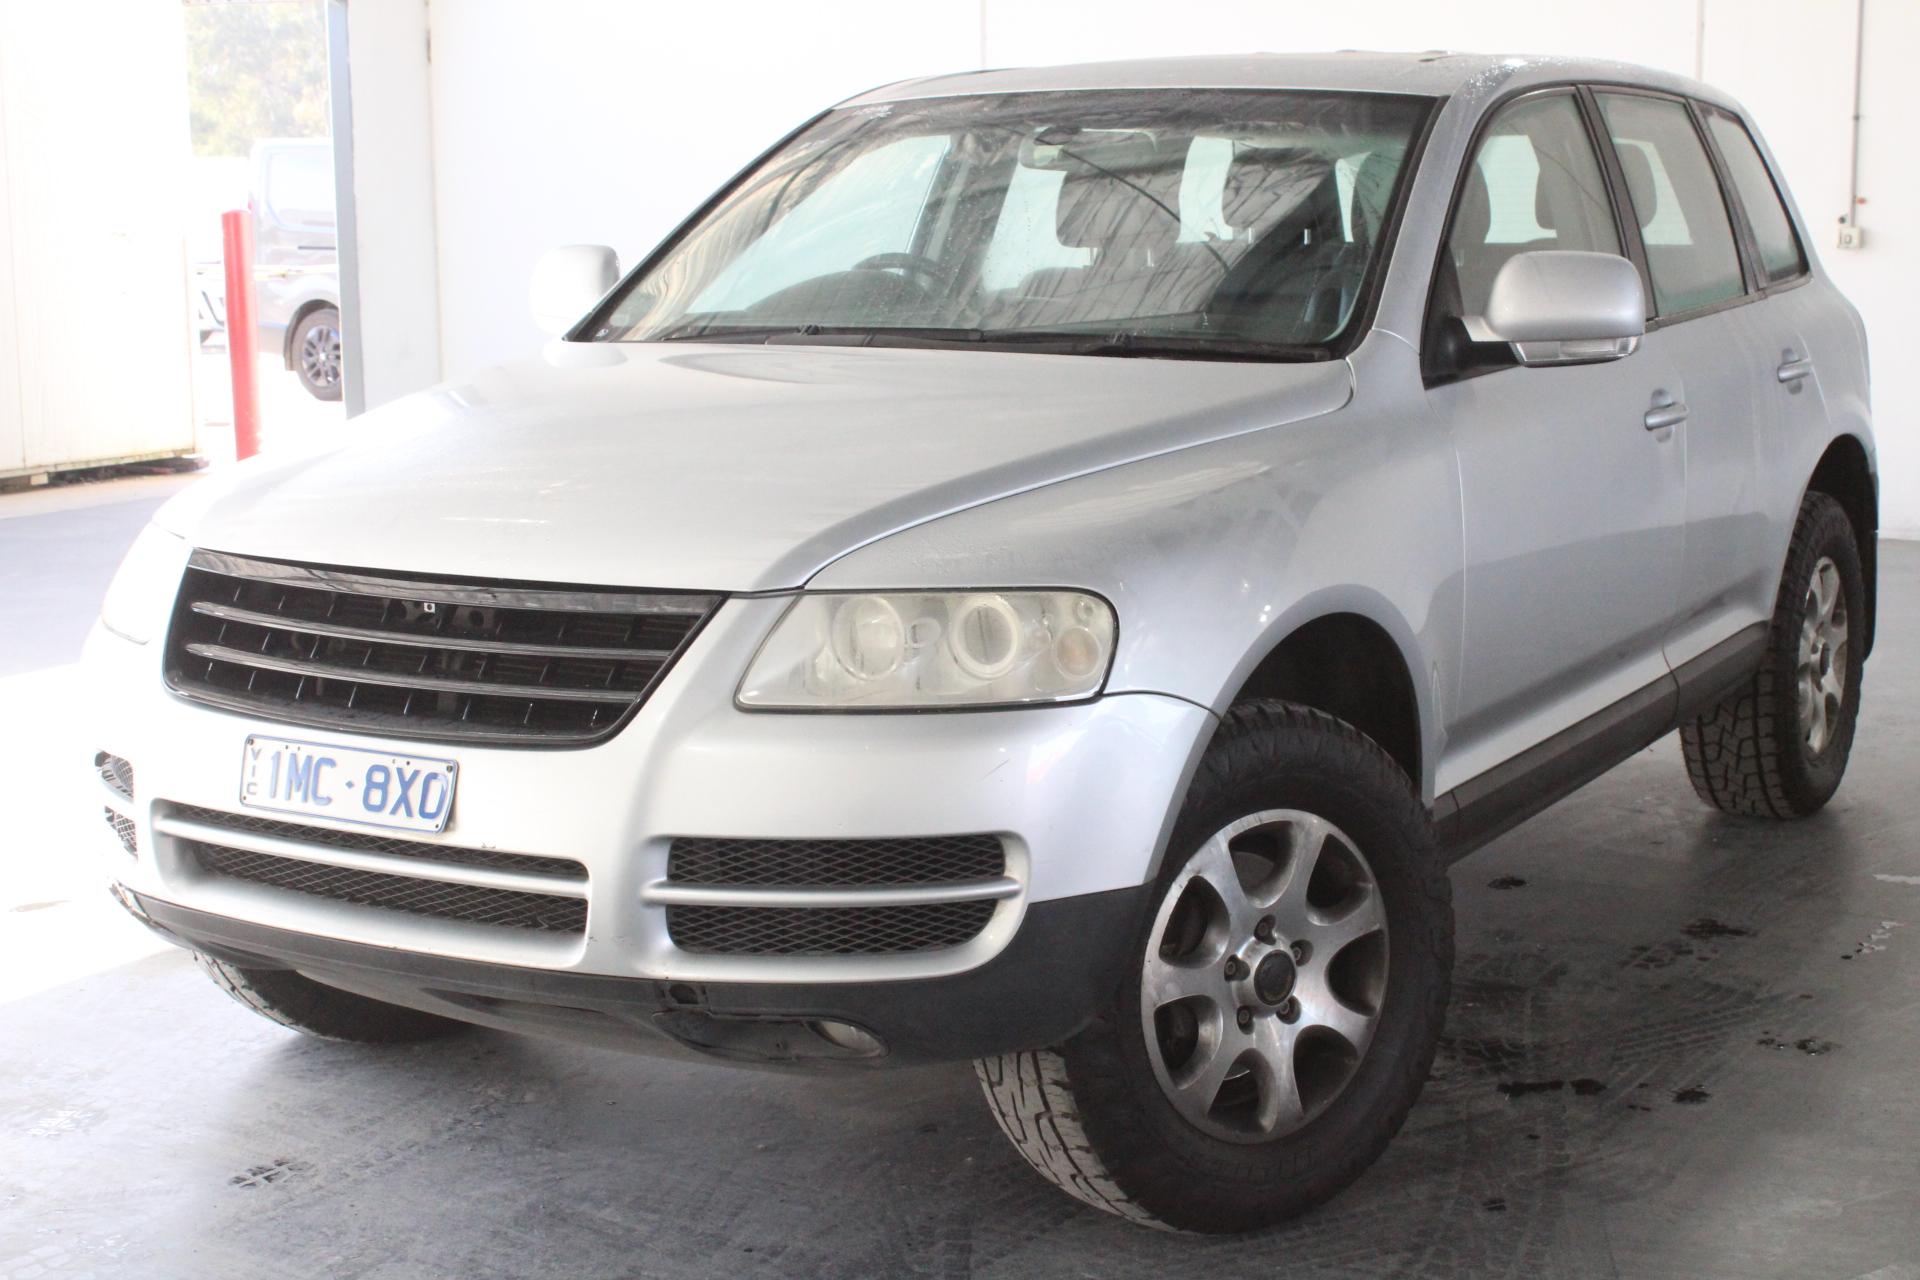 2004 Volkswagen Touareg V6 7L Automatic Wagon